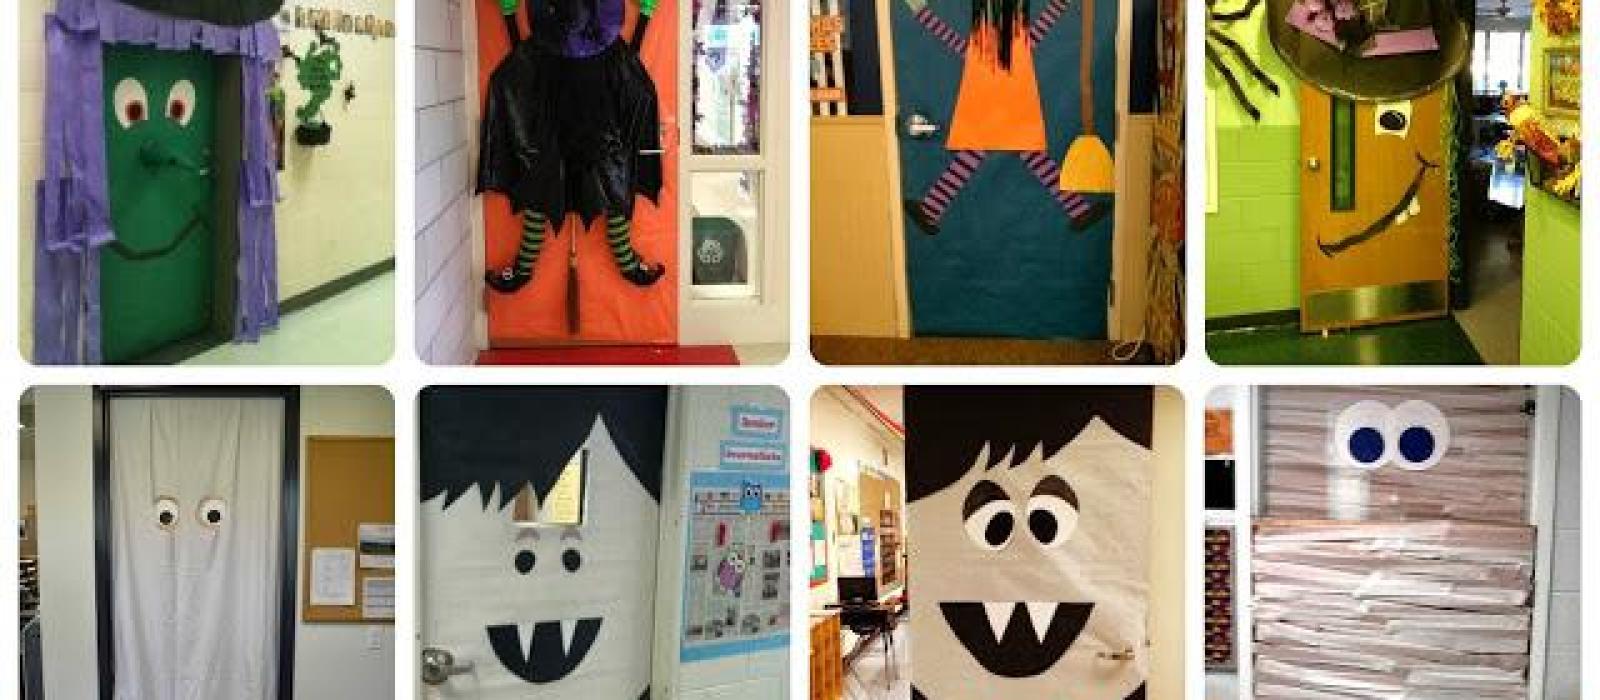 Halloween puertas 16 imagenes educativas for Decoracion para puertas halloween